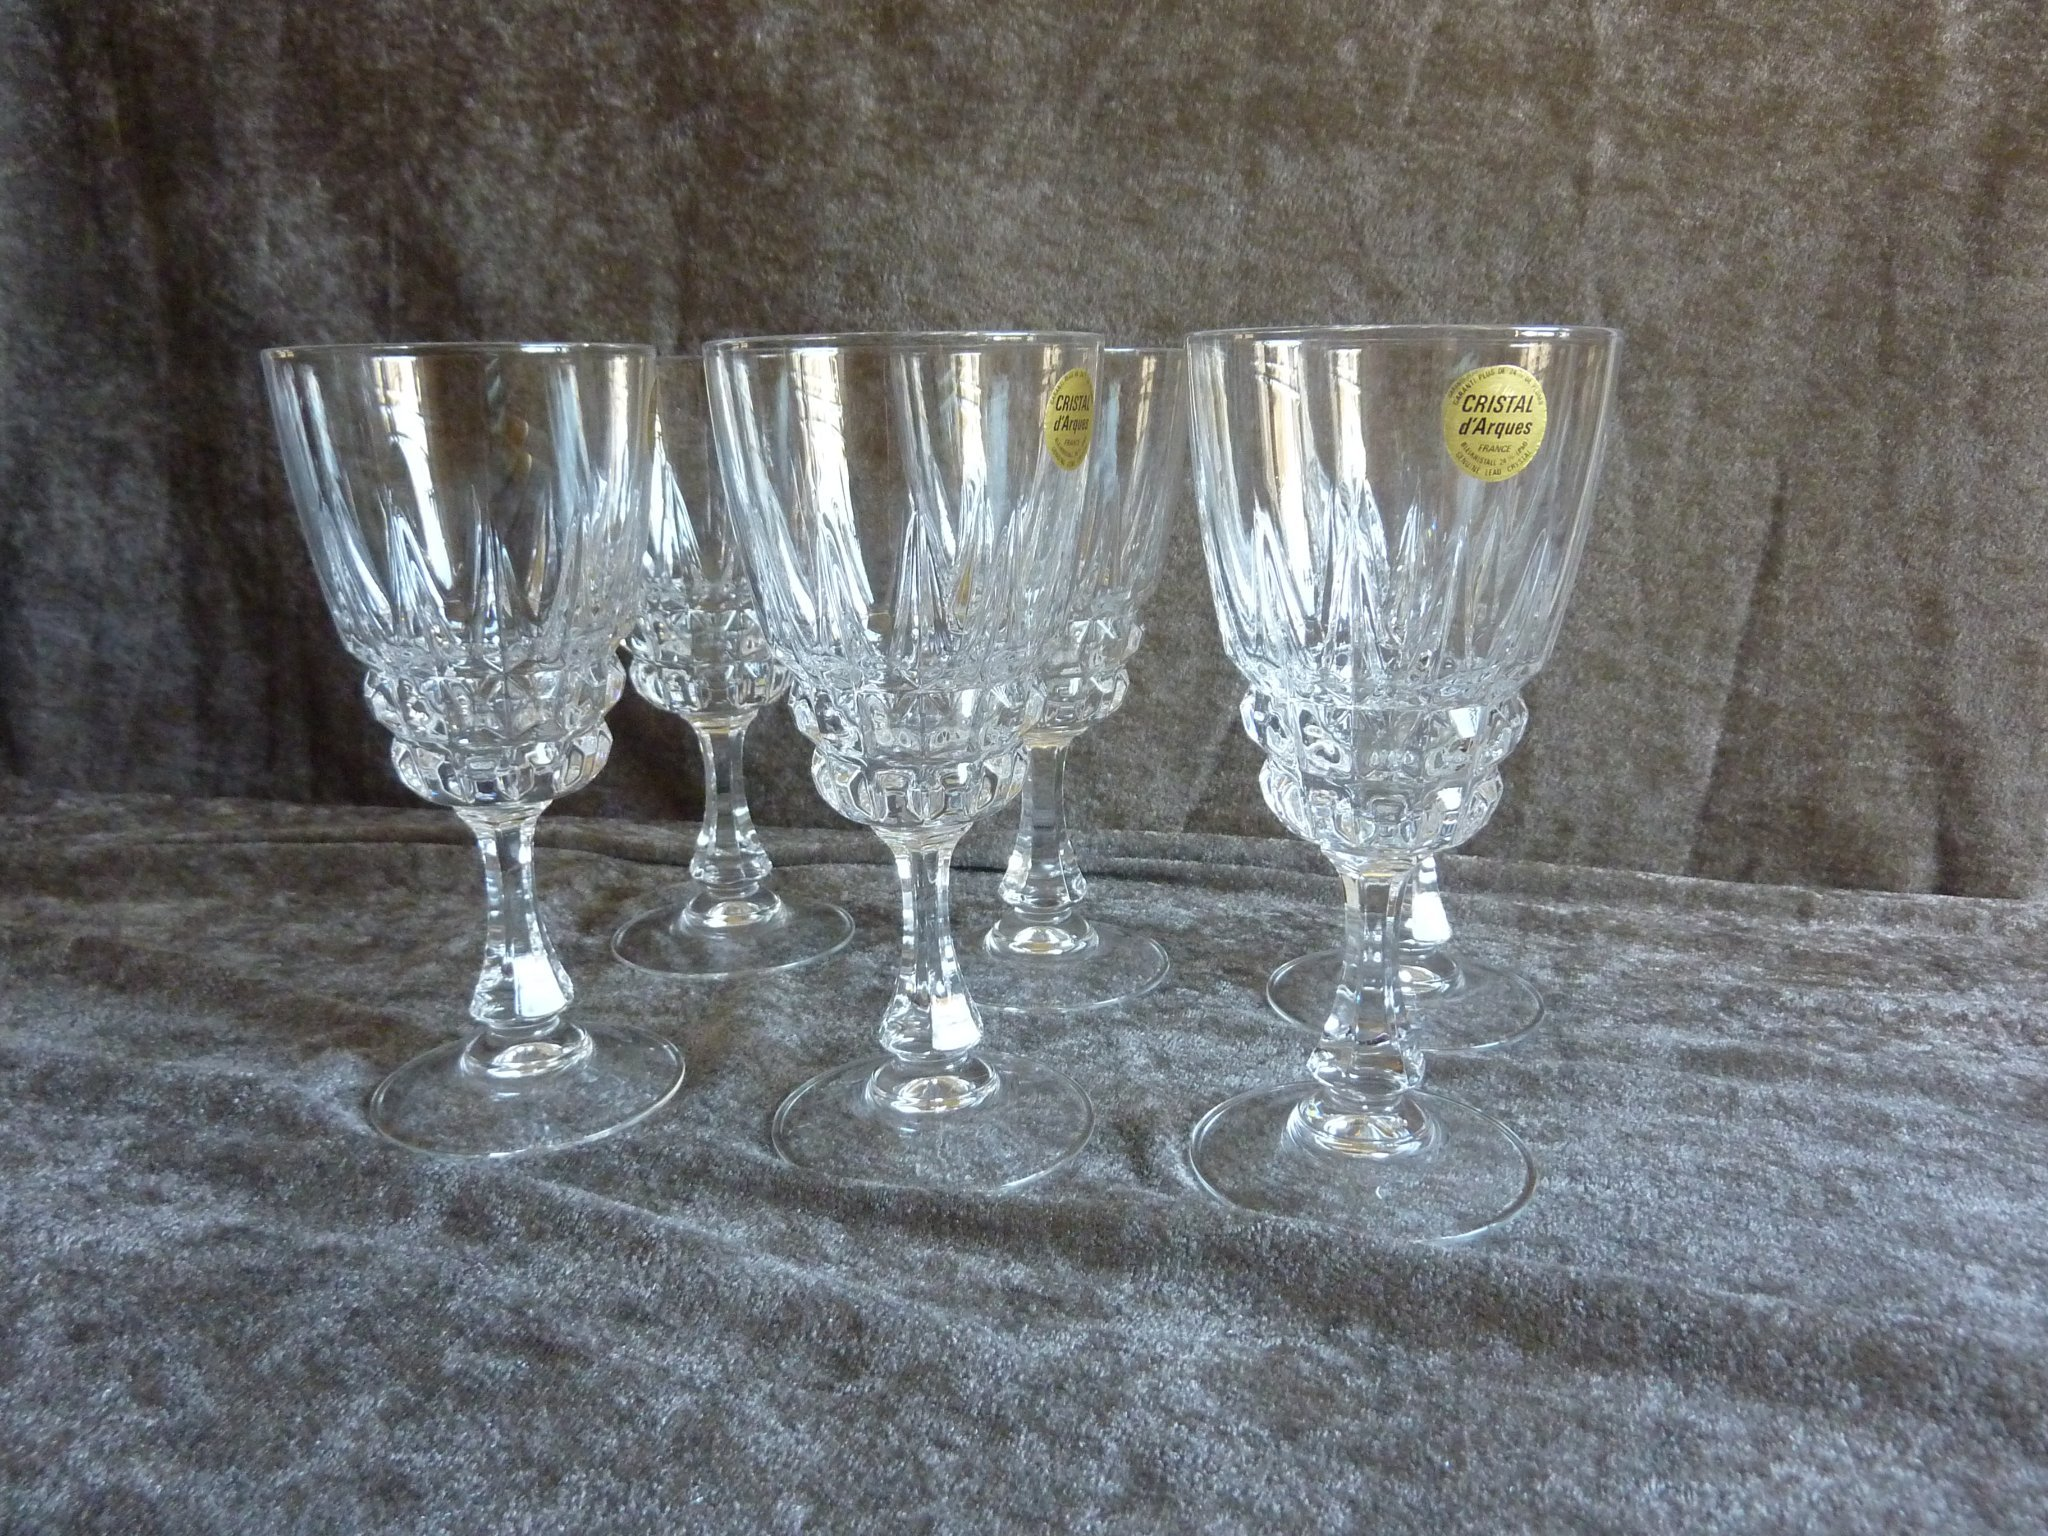 Cristal D'Arques Pompadour Vinglas kristall 6 st (391813003